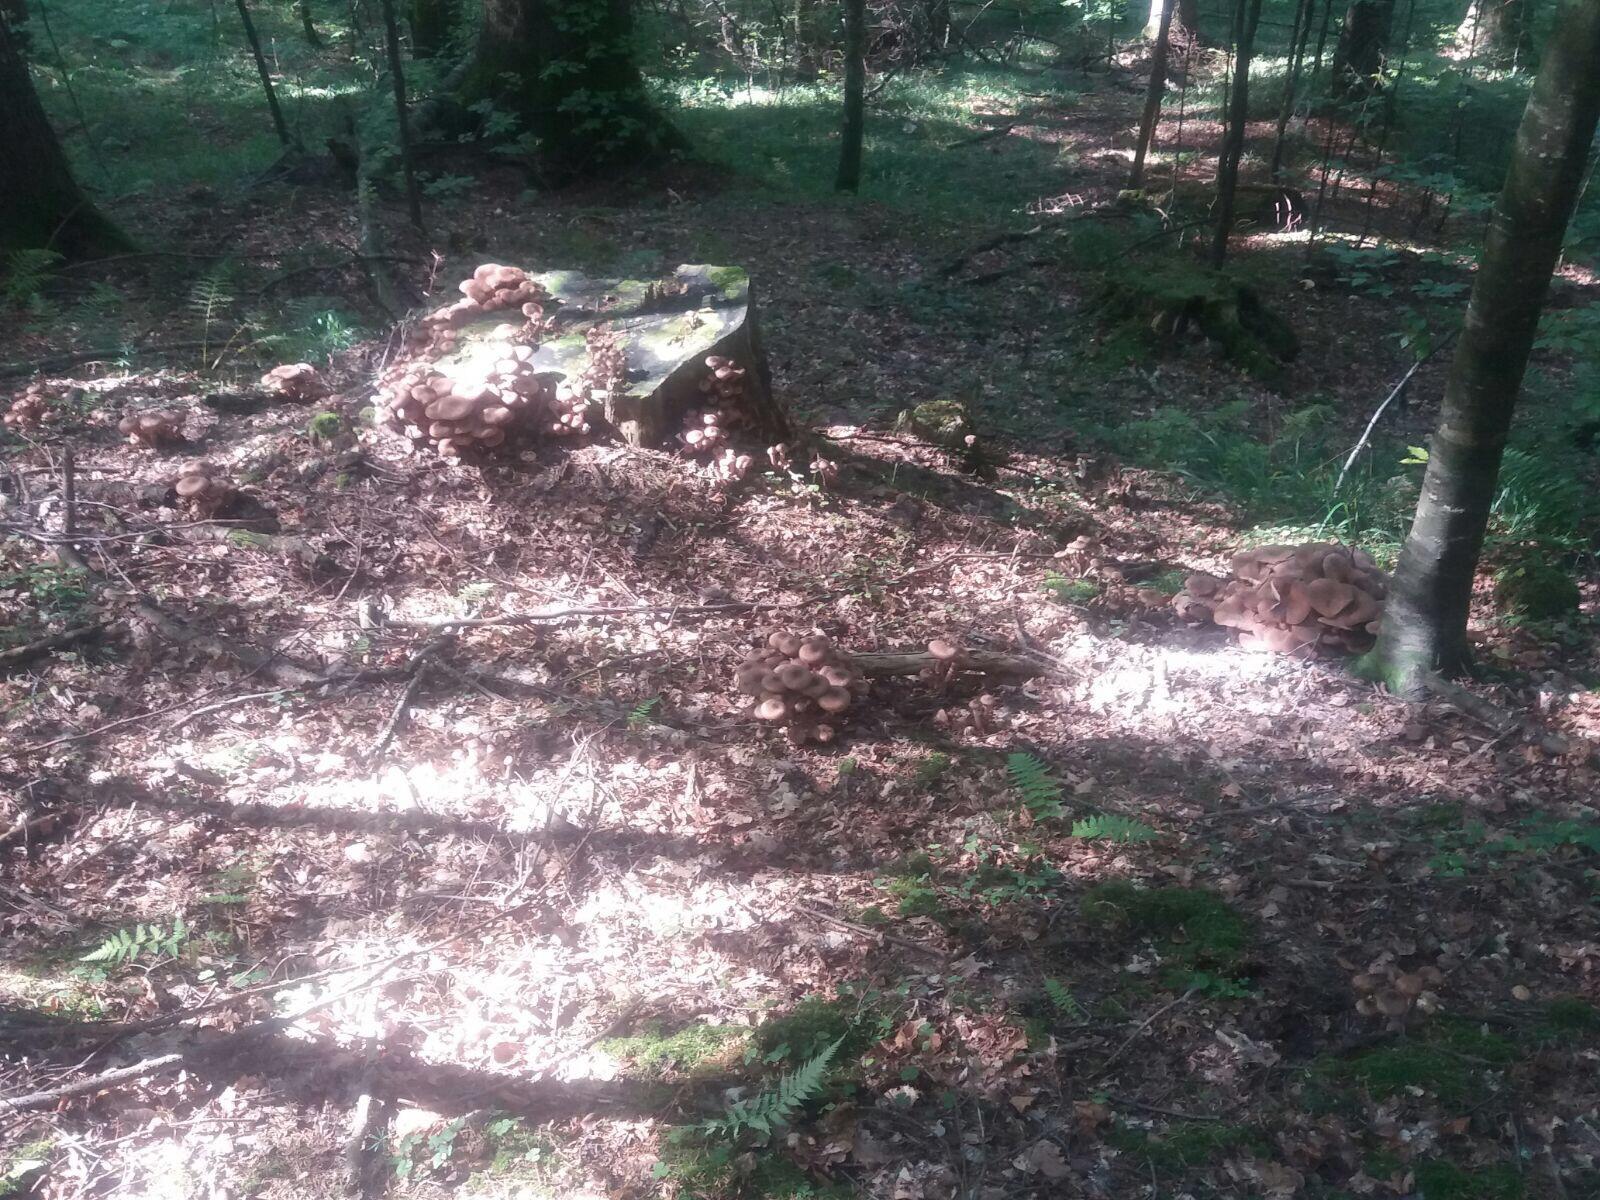 Ghebe şi bureţi, cele mai căutate ciuperci pe Valea Prahovei. Zeci de kilograme sunt conservate pentru iarnă de gospodine   FOTO, VIDEO